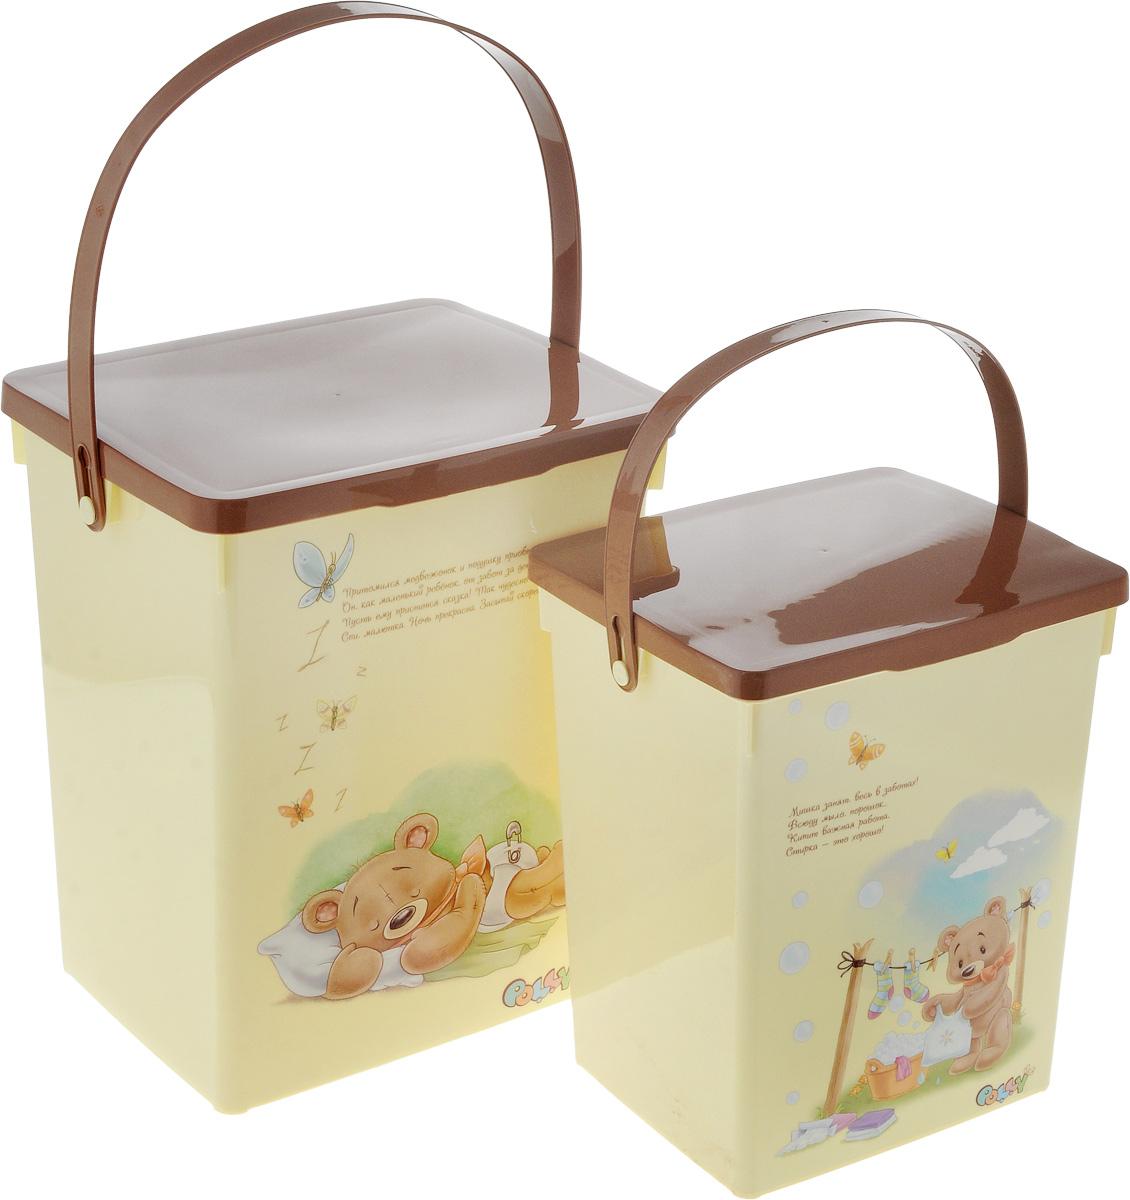 Набор контейнеров для хранения Полимербыт Polly, 2 штSGHPBKP51Удобный набор Полимербыт Polly состоит из двух контейнеров для детского стирального порошка и для подгузников. Контейнеры выполнены из пластика и оформлены оригинальным рисунком с изображением мишки. Многофункциональная вещь, которая пригодиться в быту для любых случаев. Удобные контейнеры в использование и хранении. Объём контейнеров: 5 л; 8,5 л.